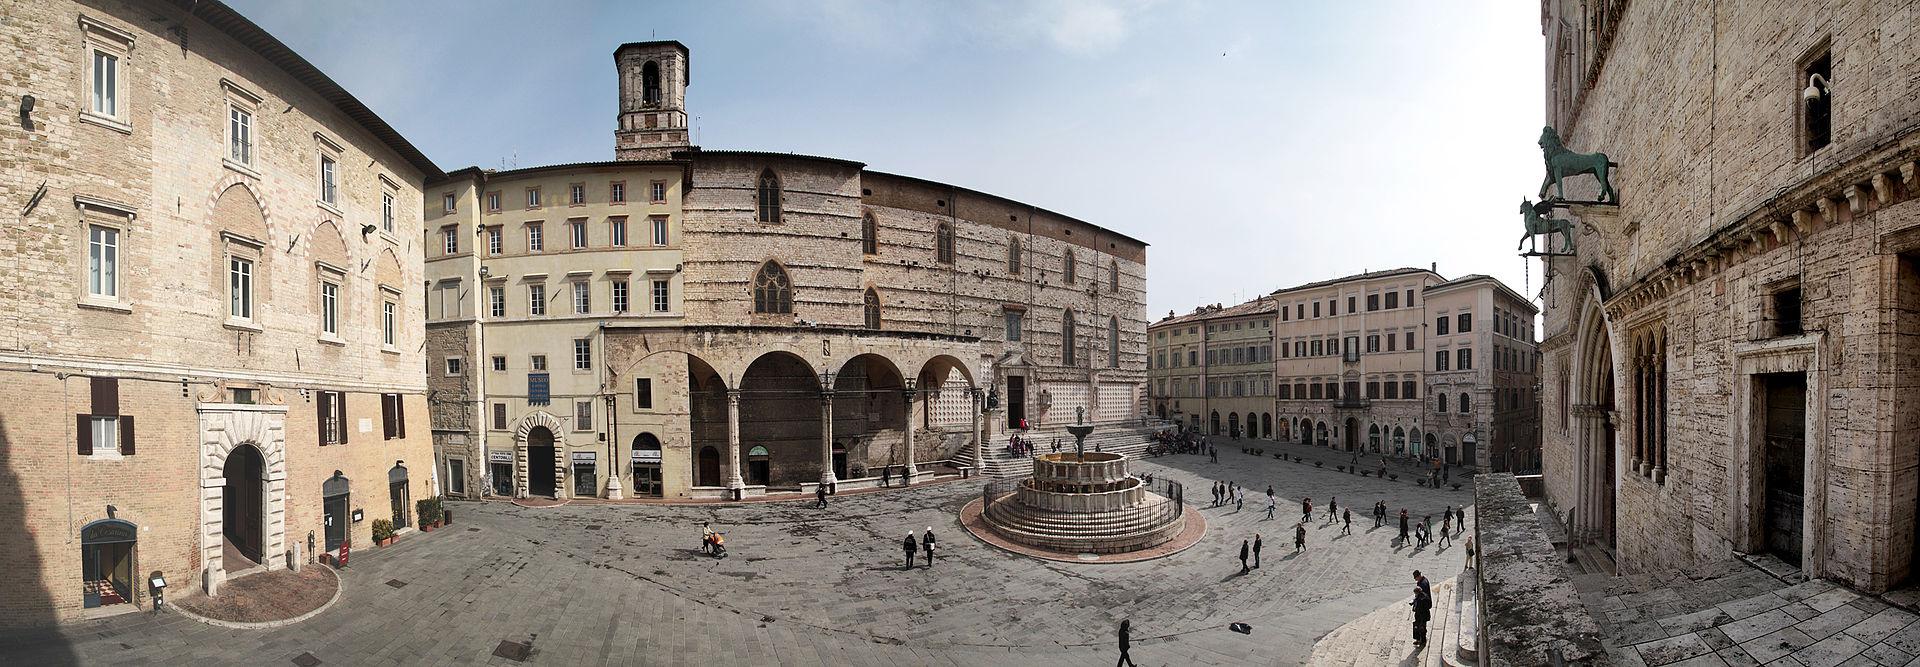 Umbria settembre 2020